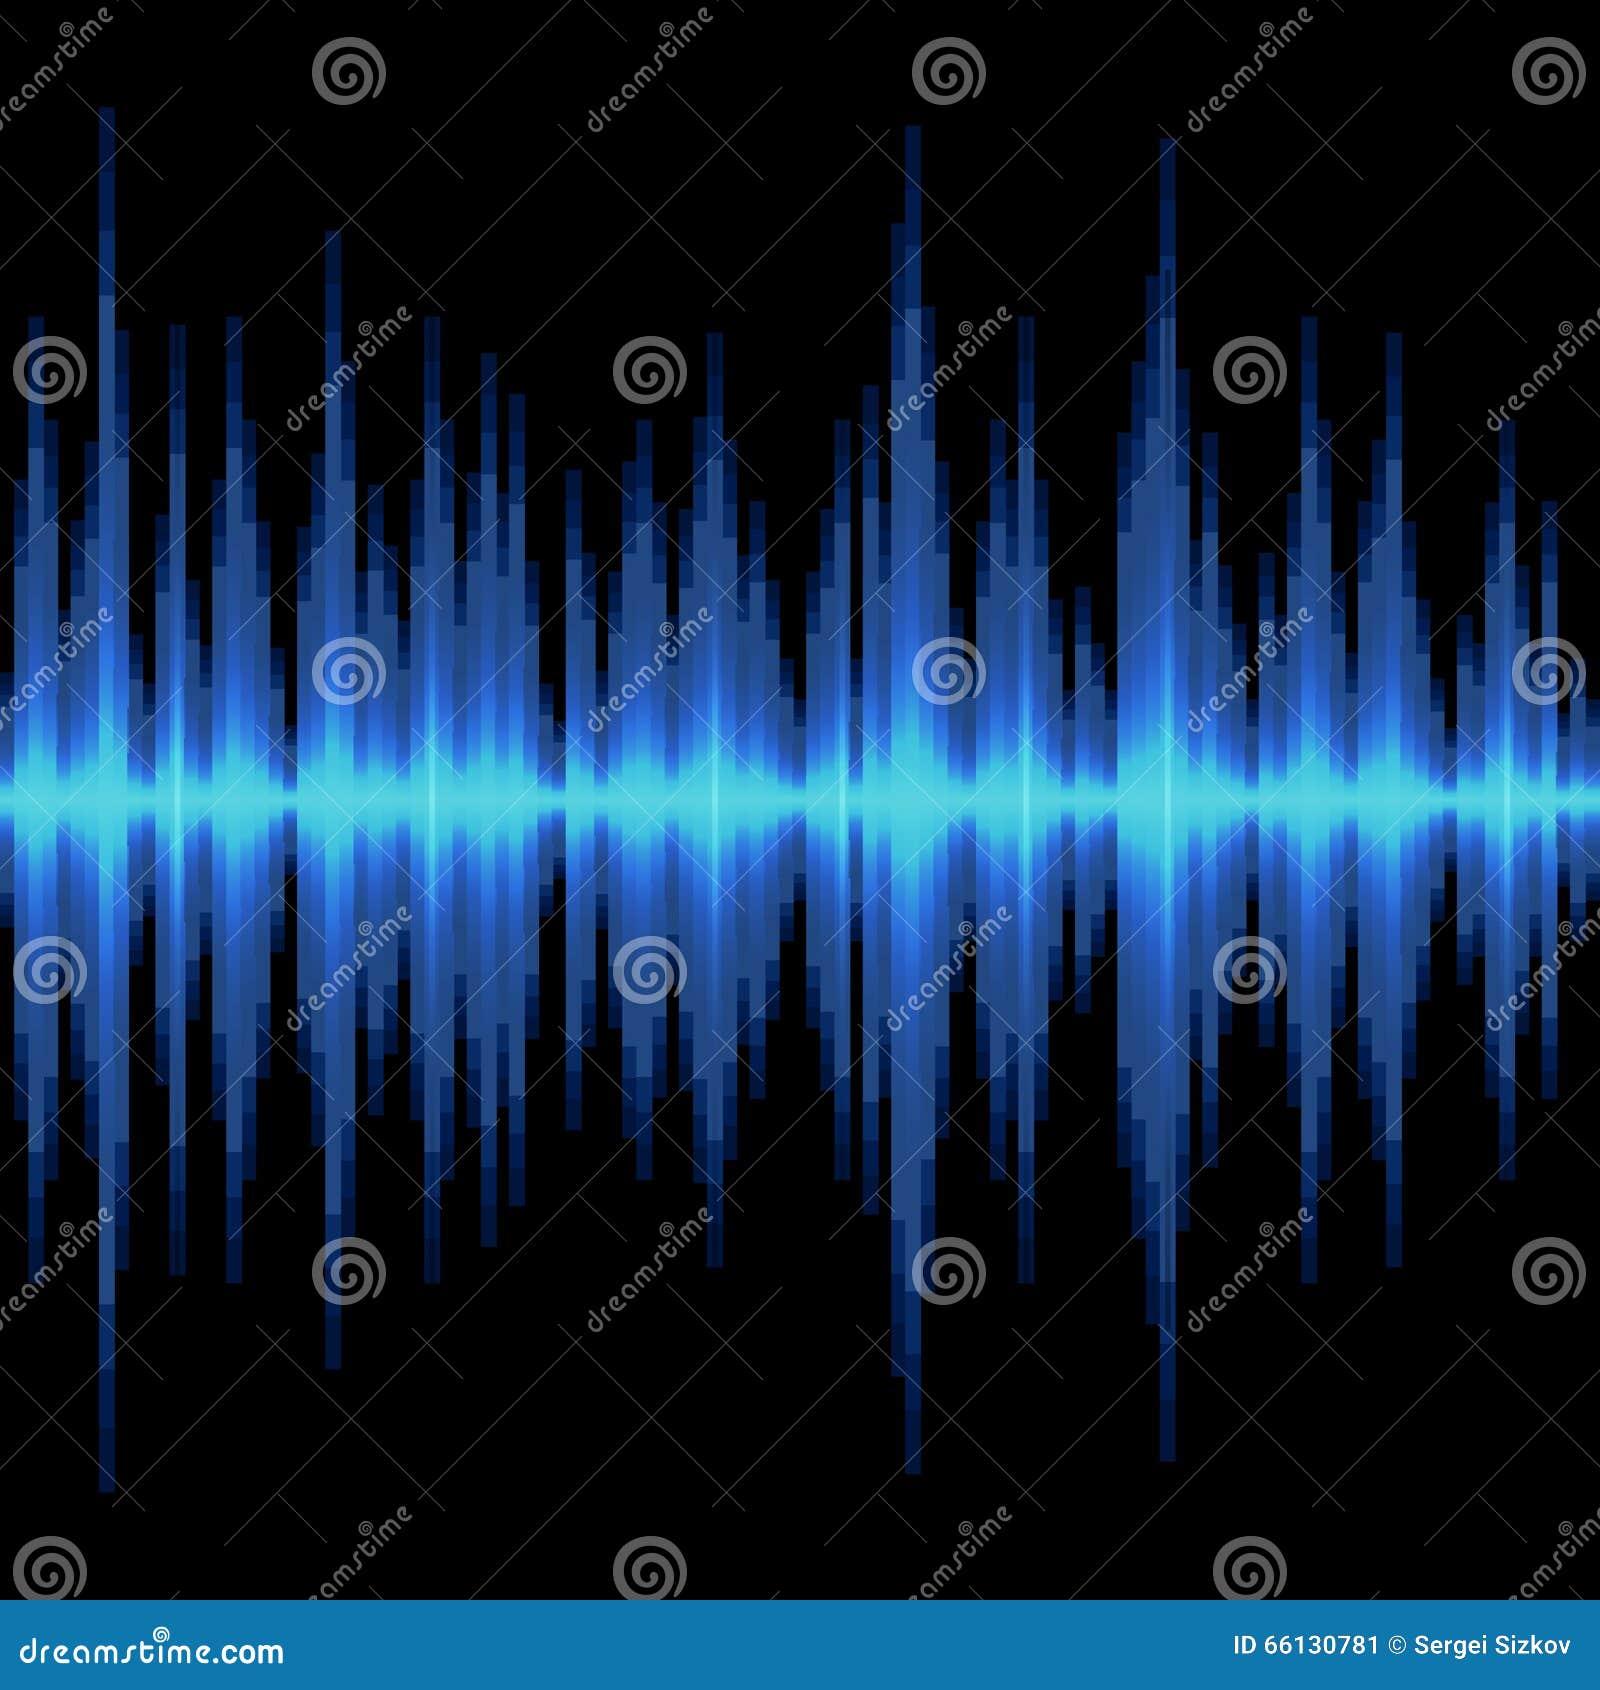 Onda acústica azul en fondo negro Vector